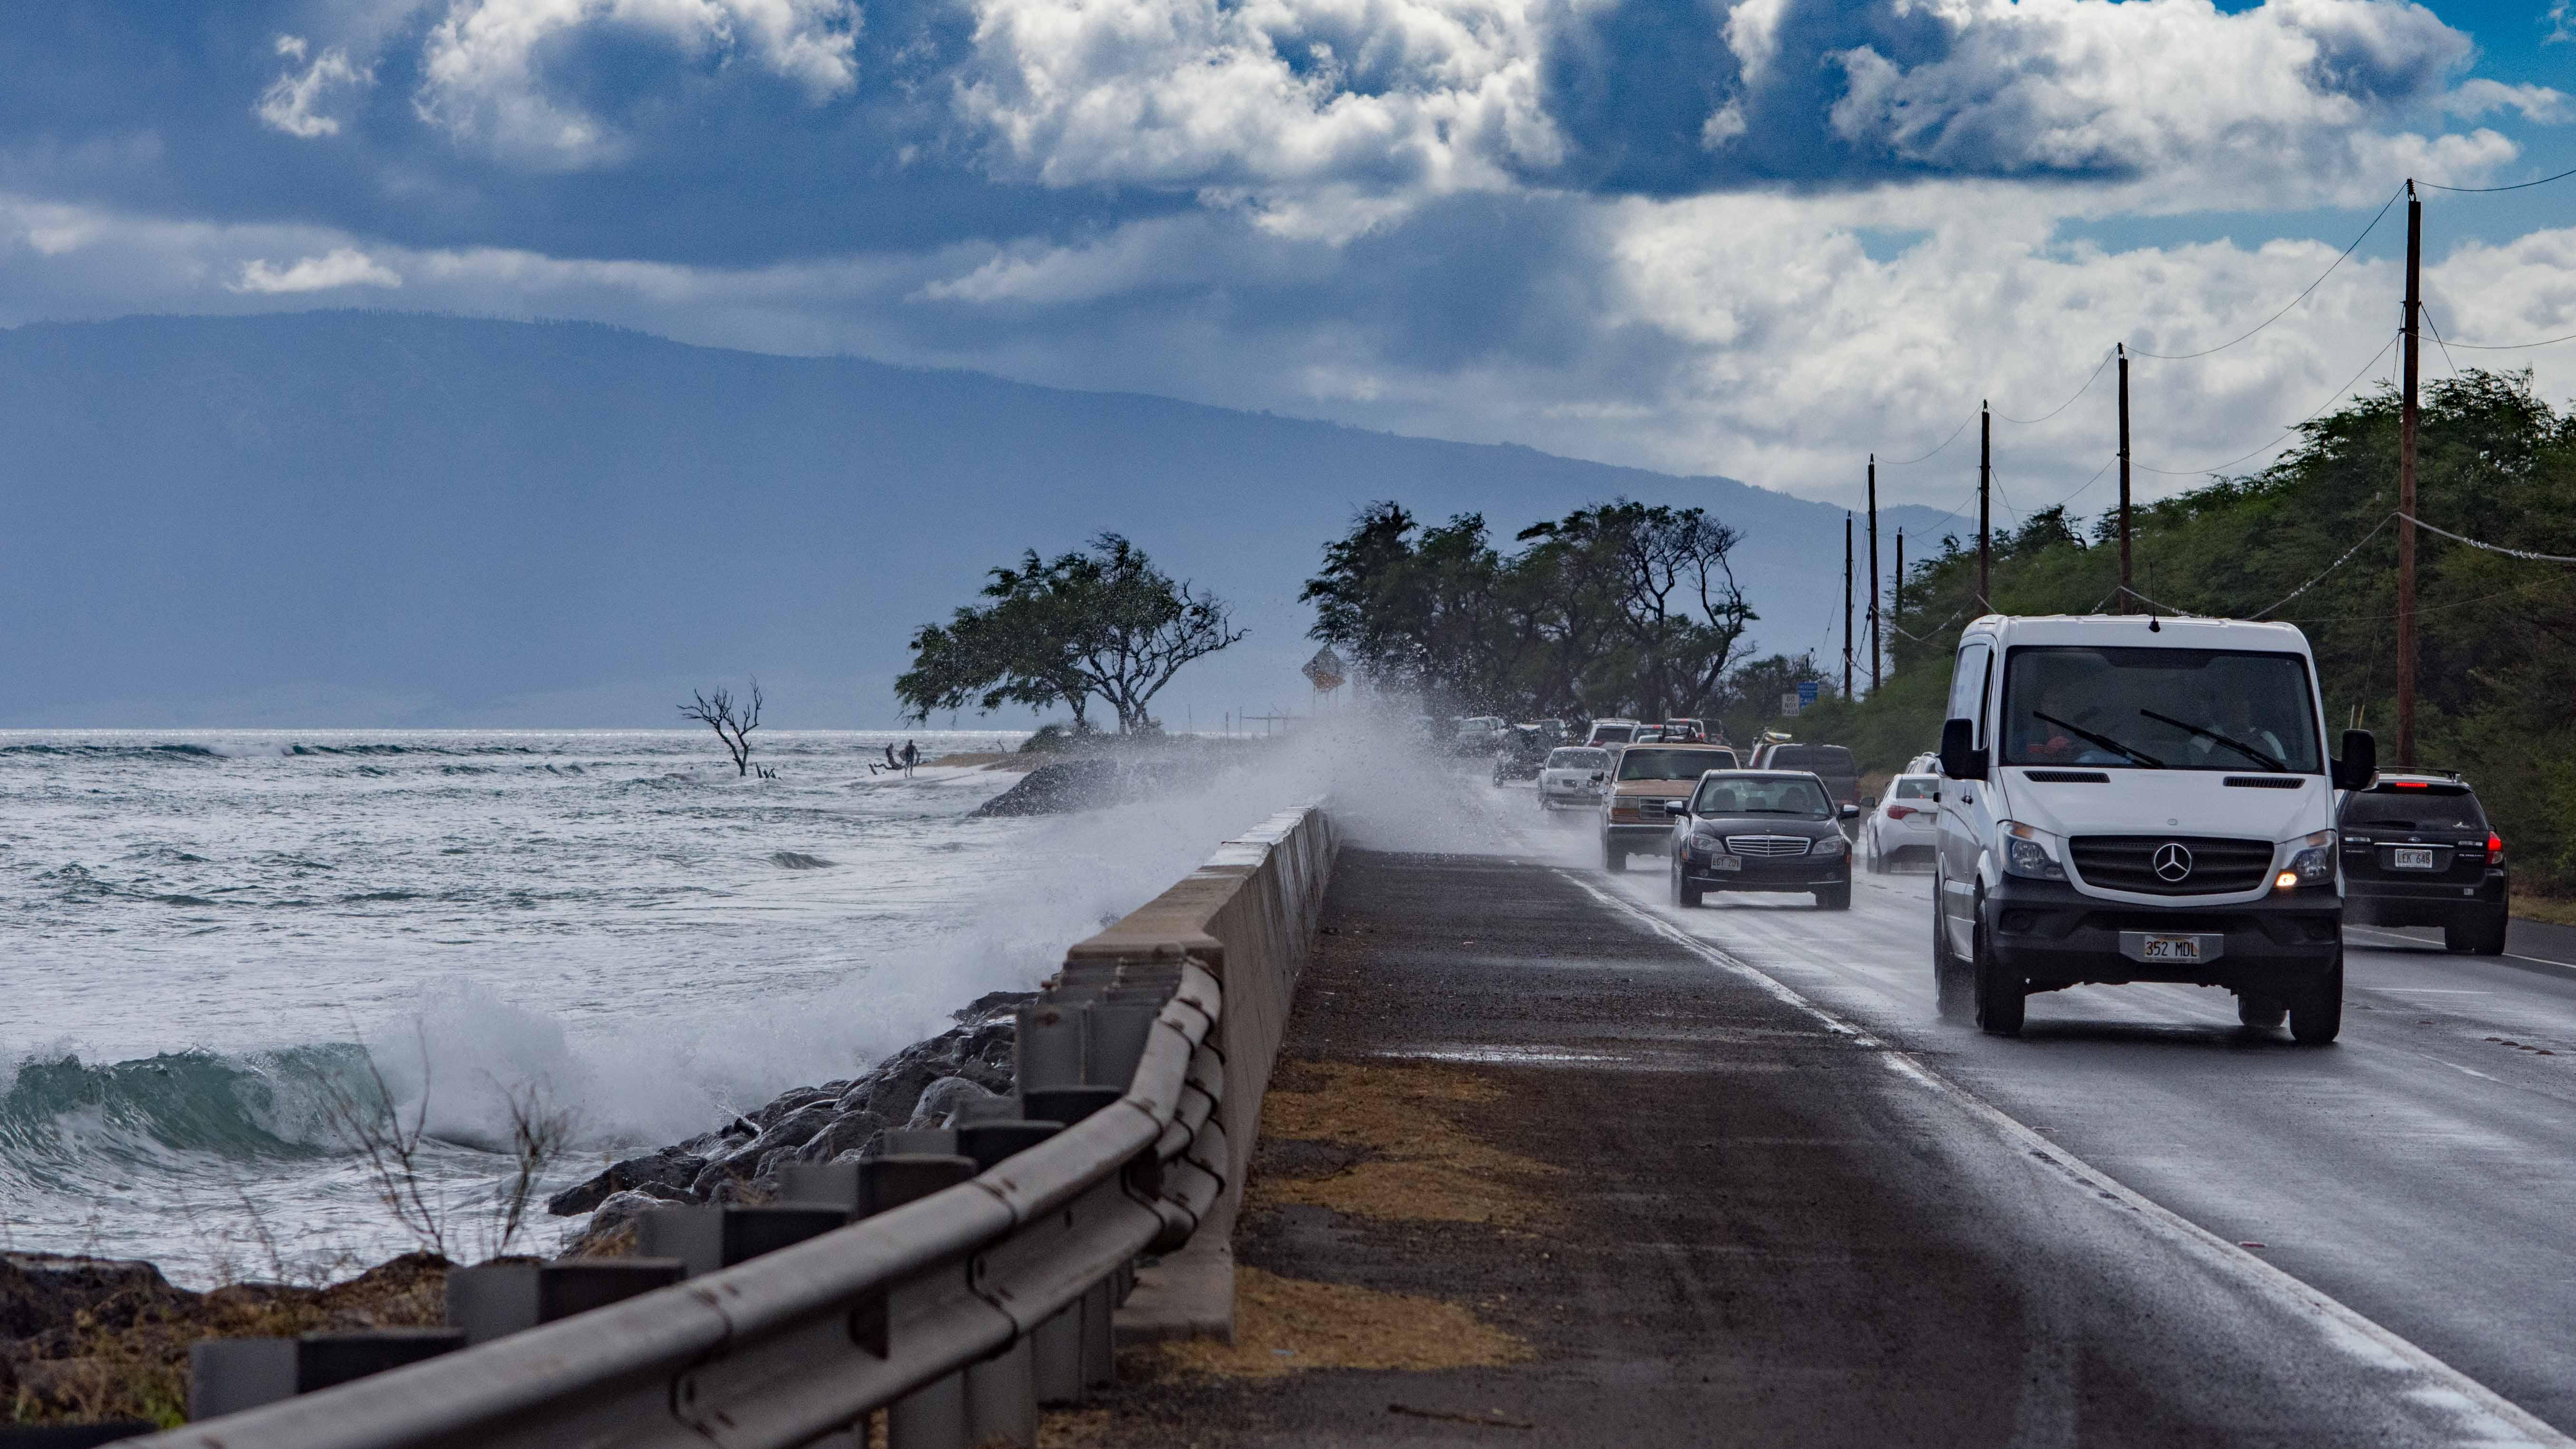 Road Advisory: Waves Washing onto Honoapiilani Hwy